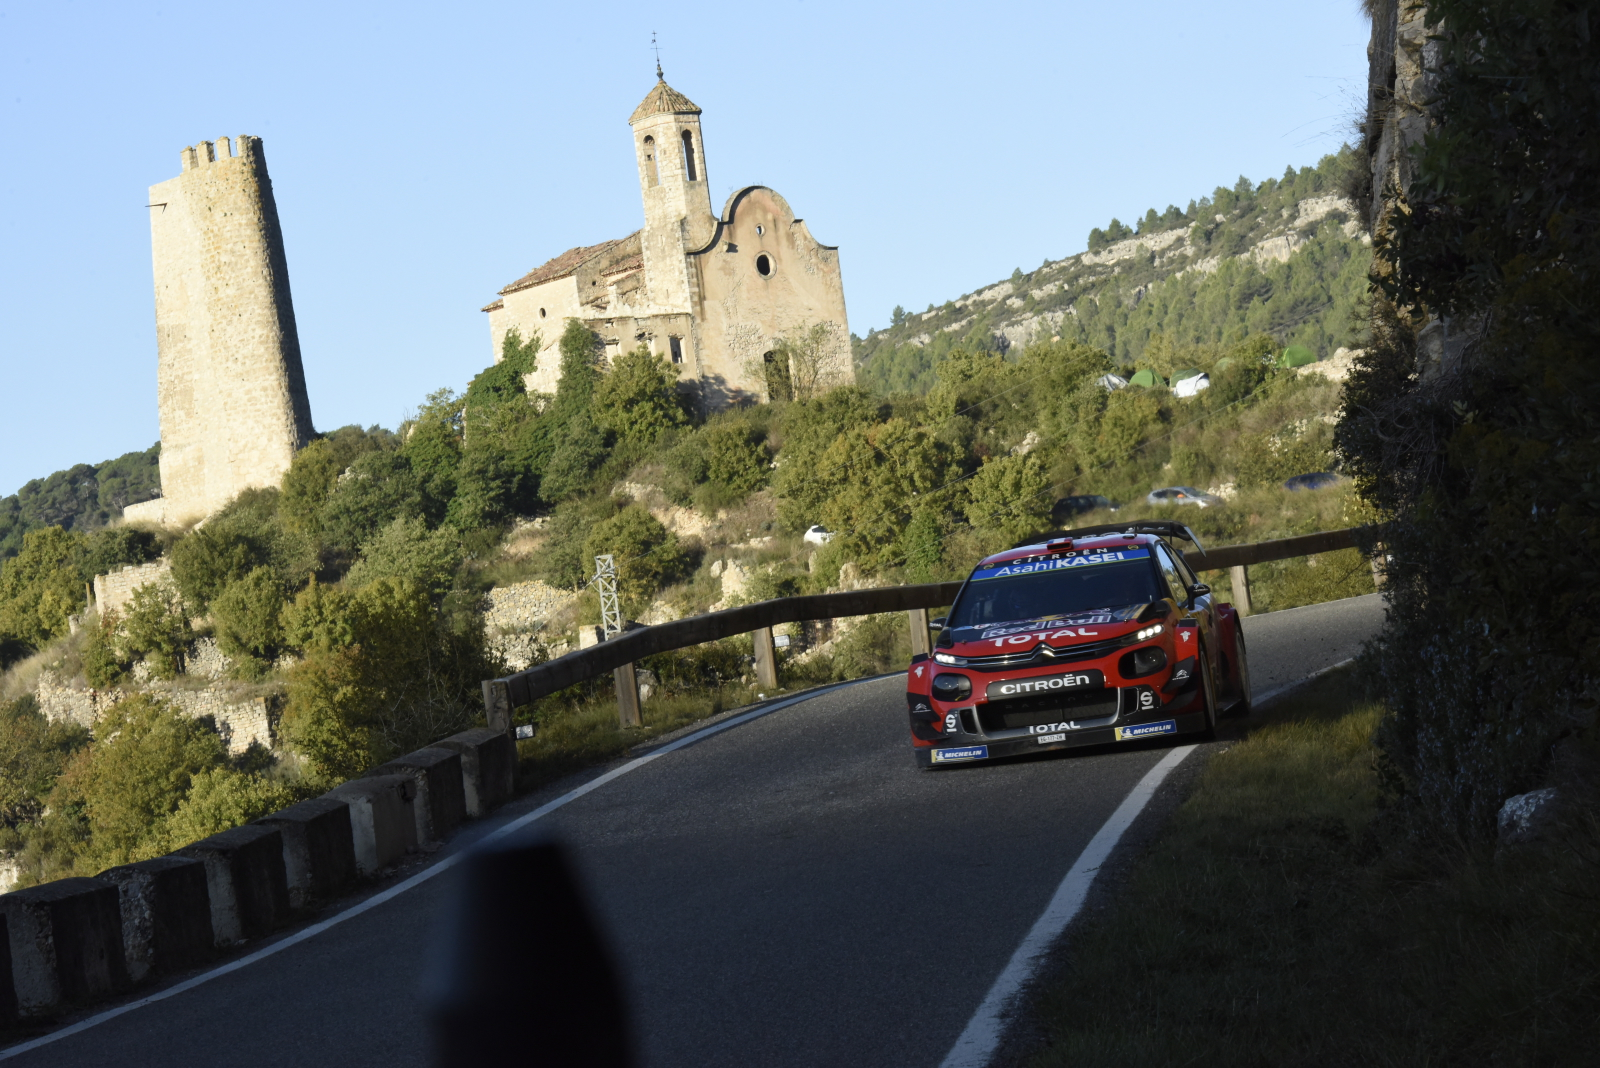 Wyścig samochodowy w Hiszpanii Fot. PAP/EPA/REPORTER IMAGES